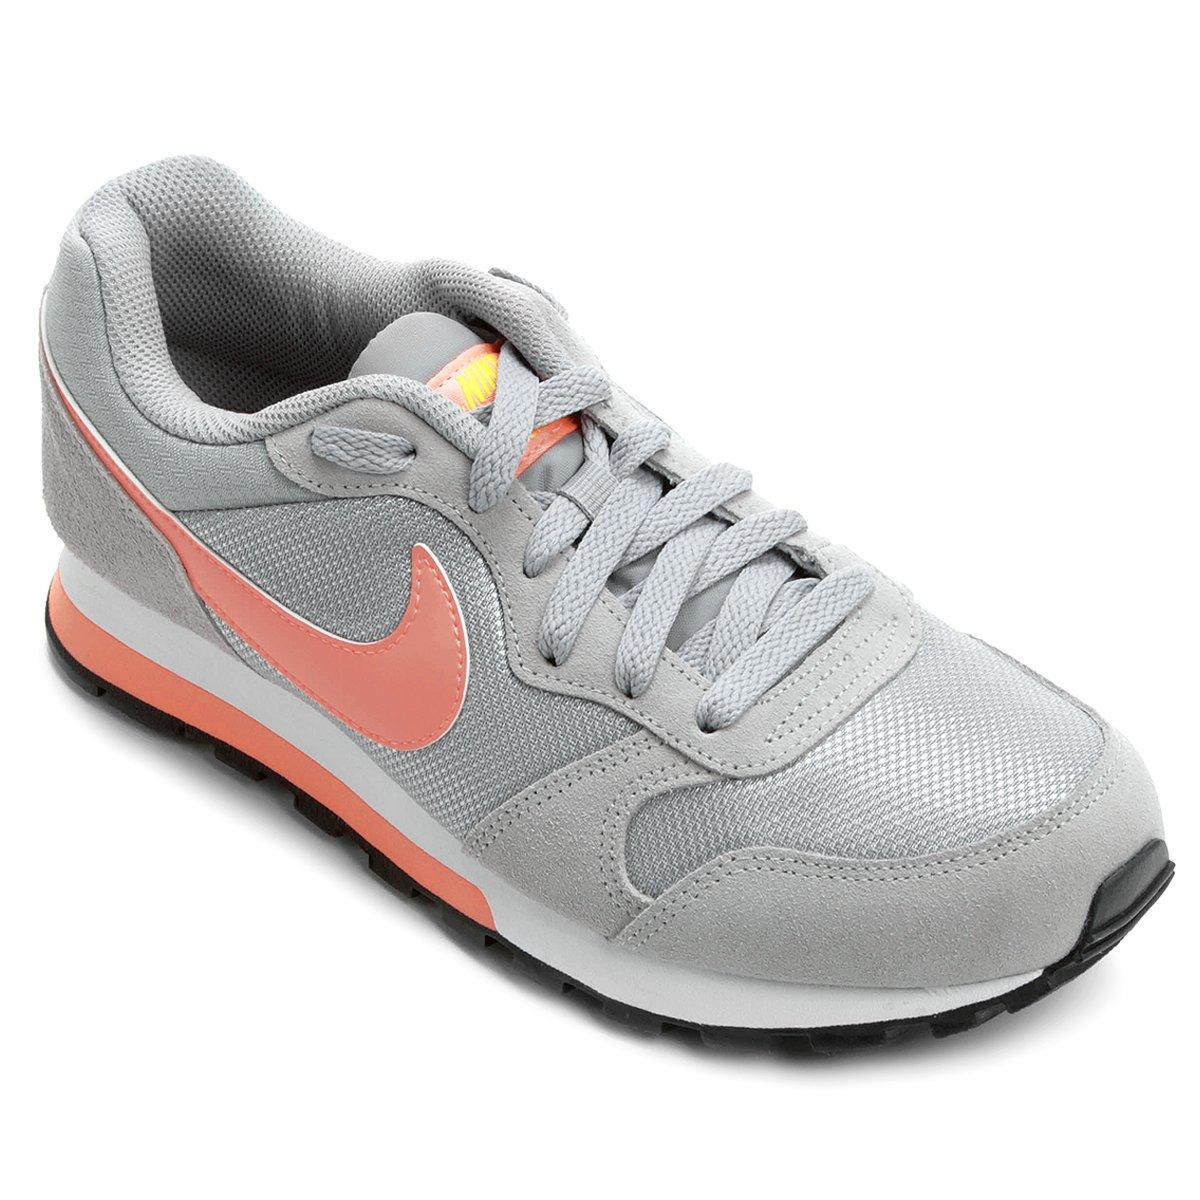 a7705709c3966 Tênis Nike Md Runner 2 Feminino - Cinza e Salmão - Compre Agora ...